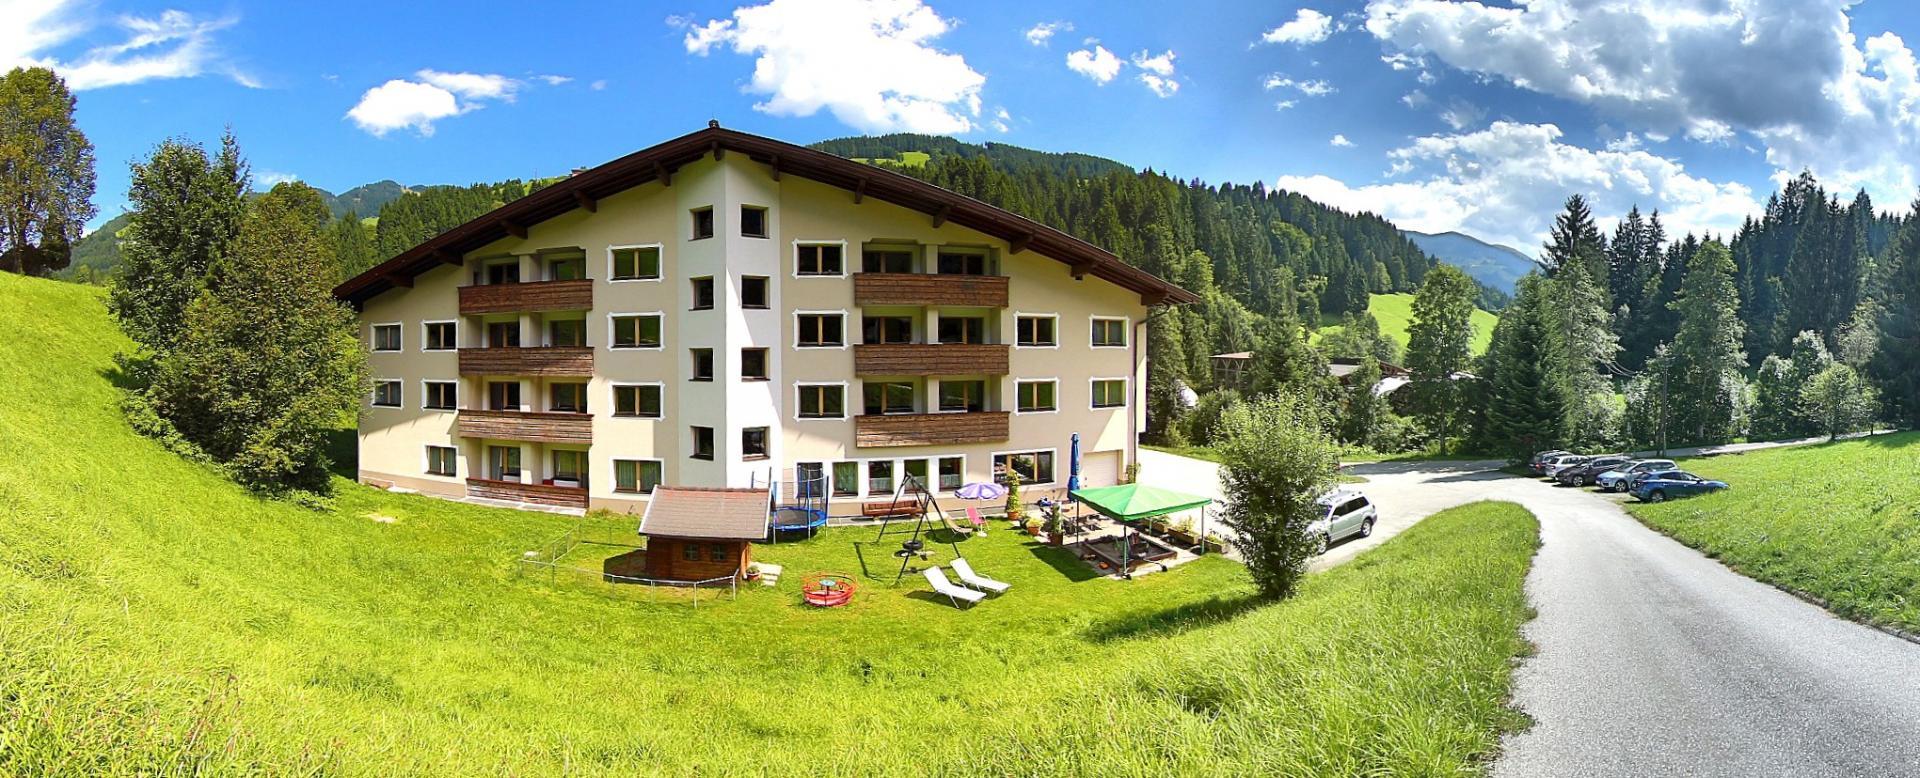 Haus am Wildbach #Bildergalerie#Sommer#Wildschönau Card